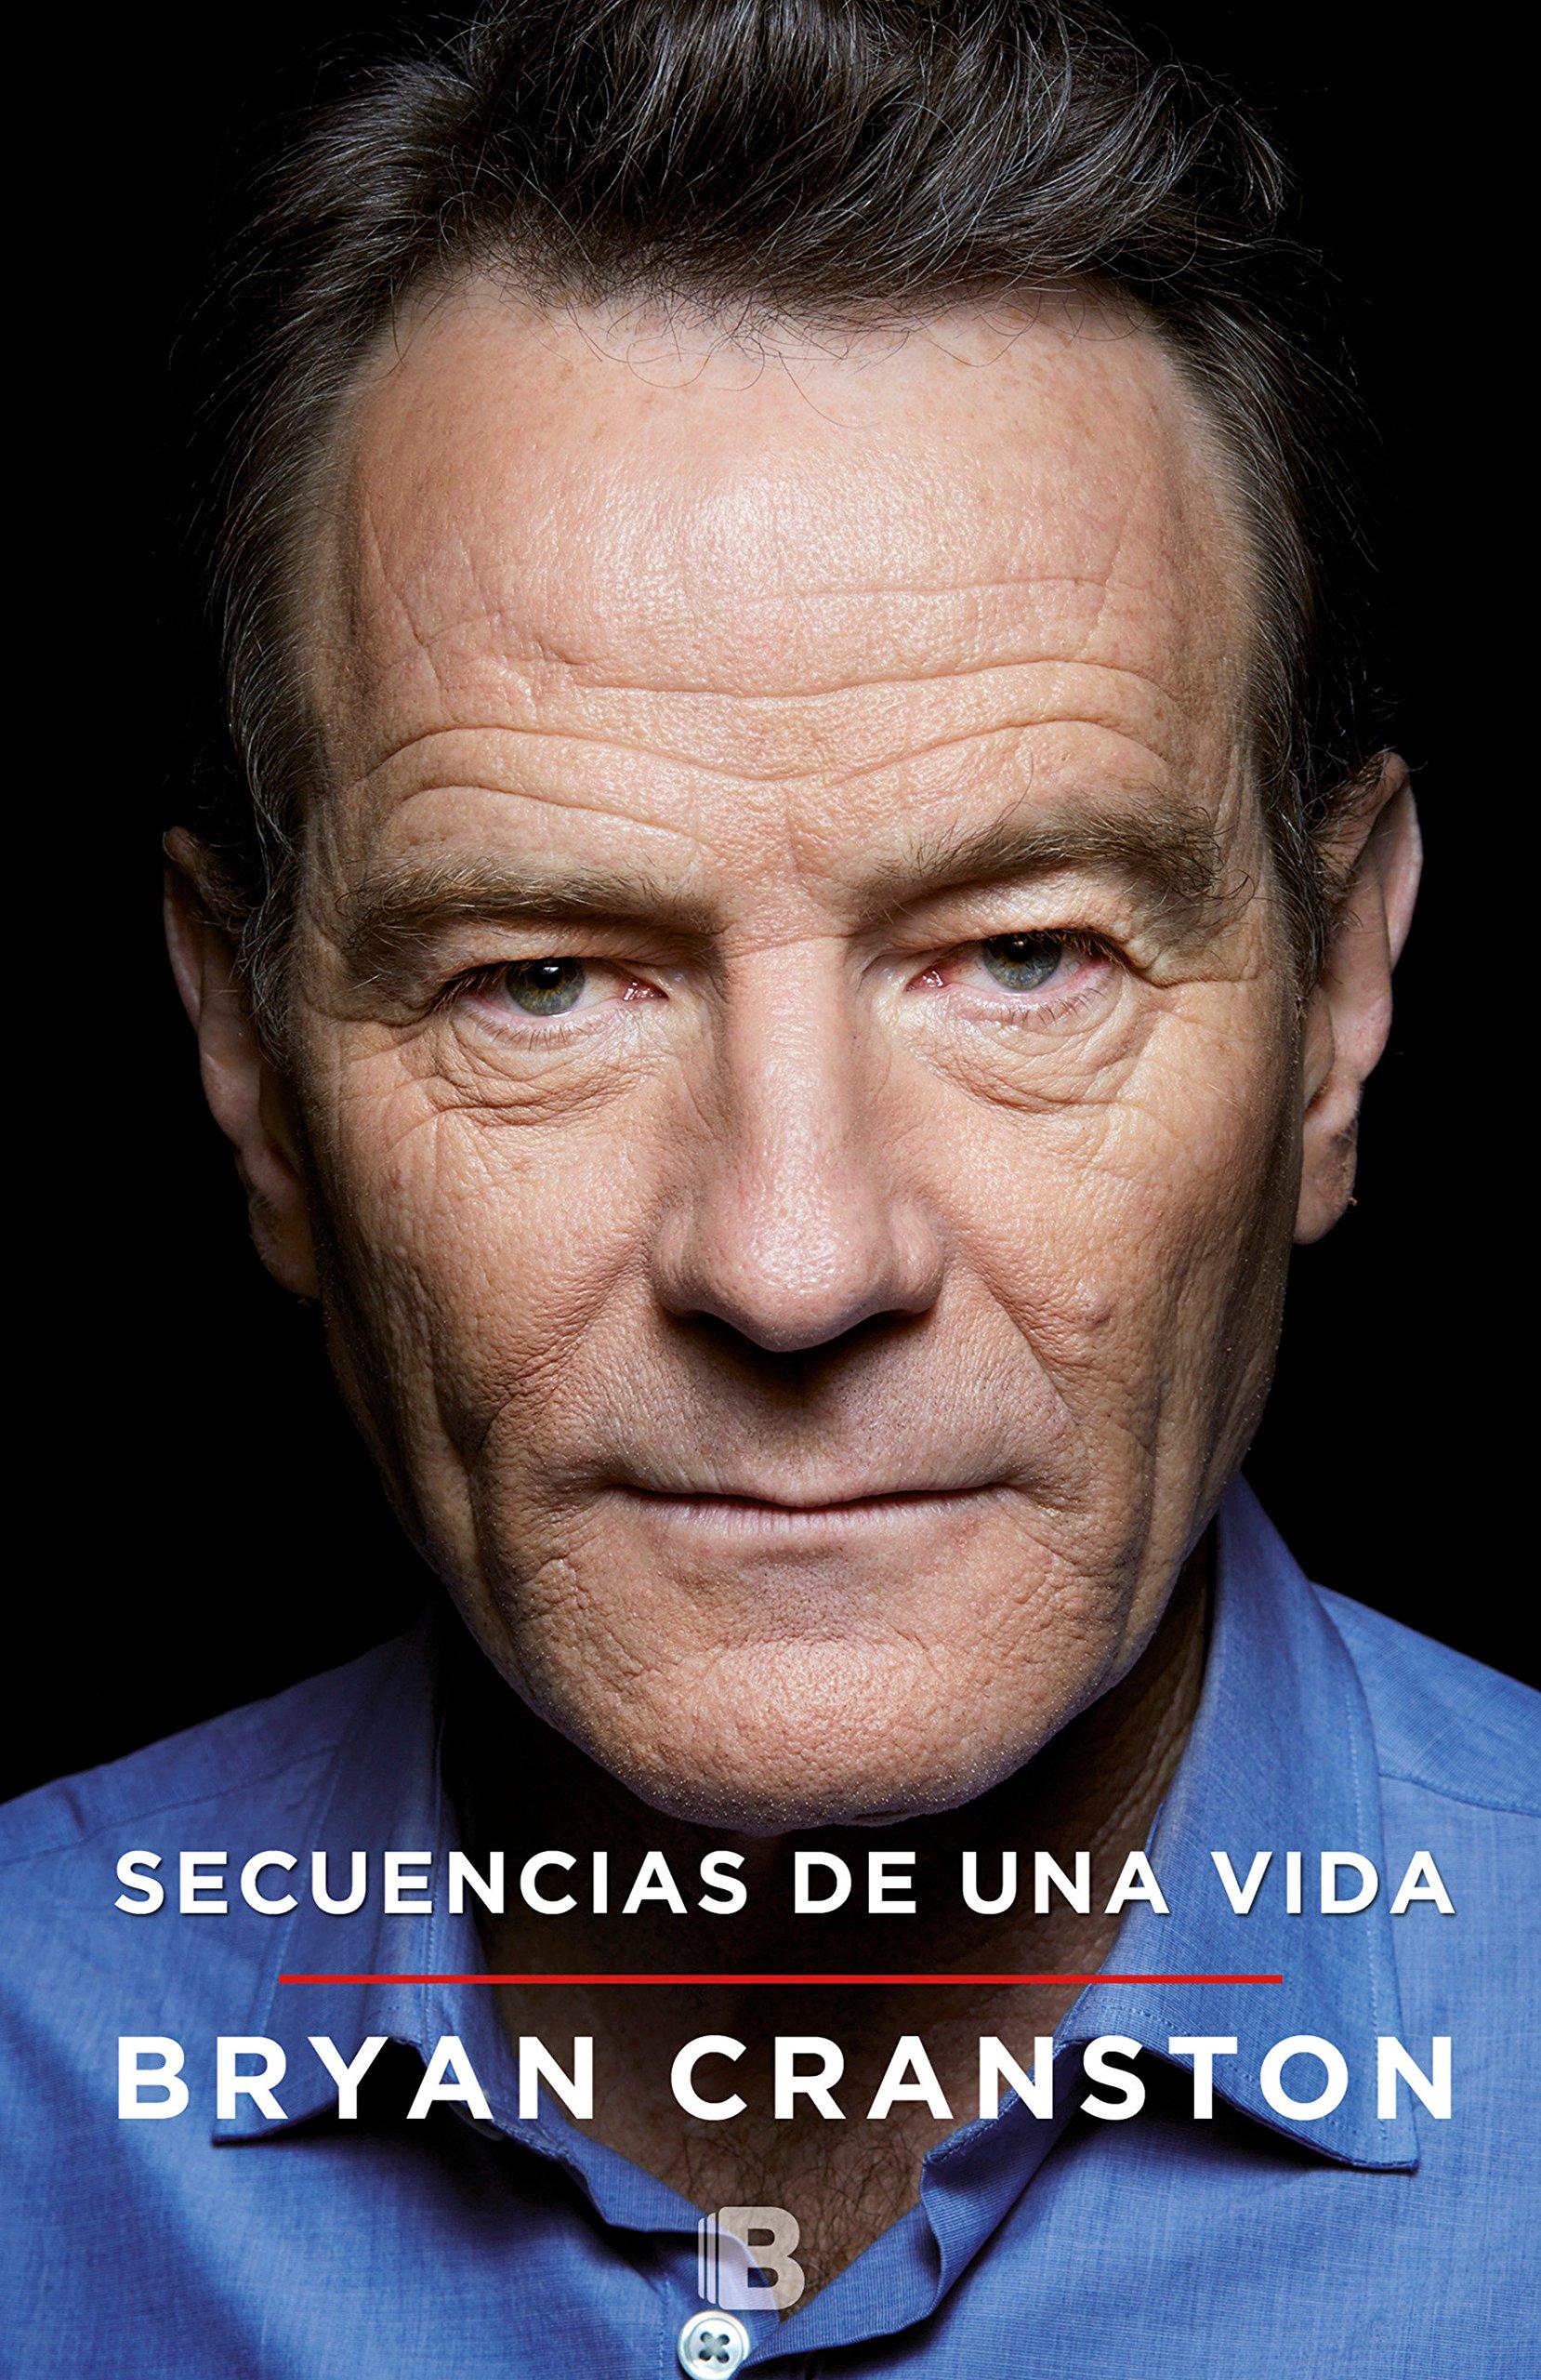 Secuencias de una vida / Sequences of a life (Spanish Edition)